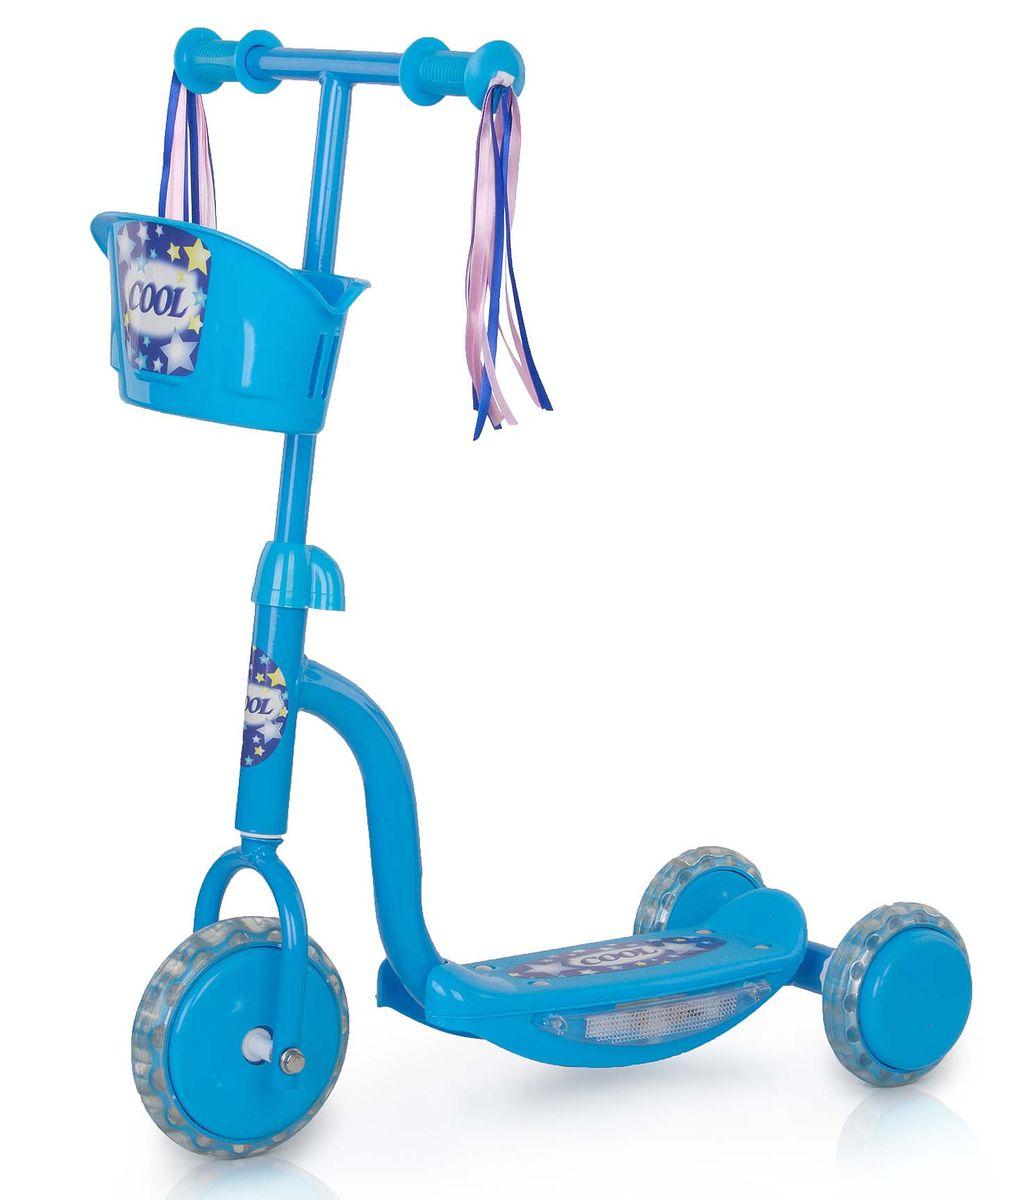 Самокат трехколесный Larsen Cool, цвет: голубой цена